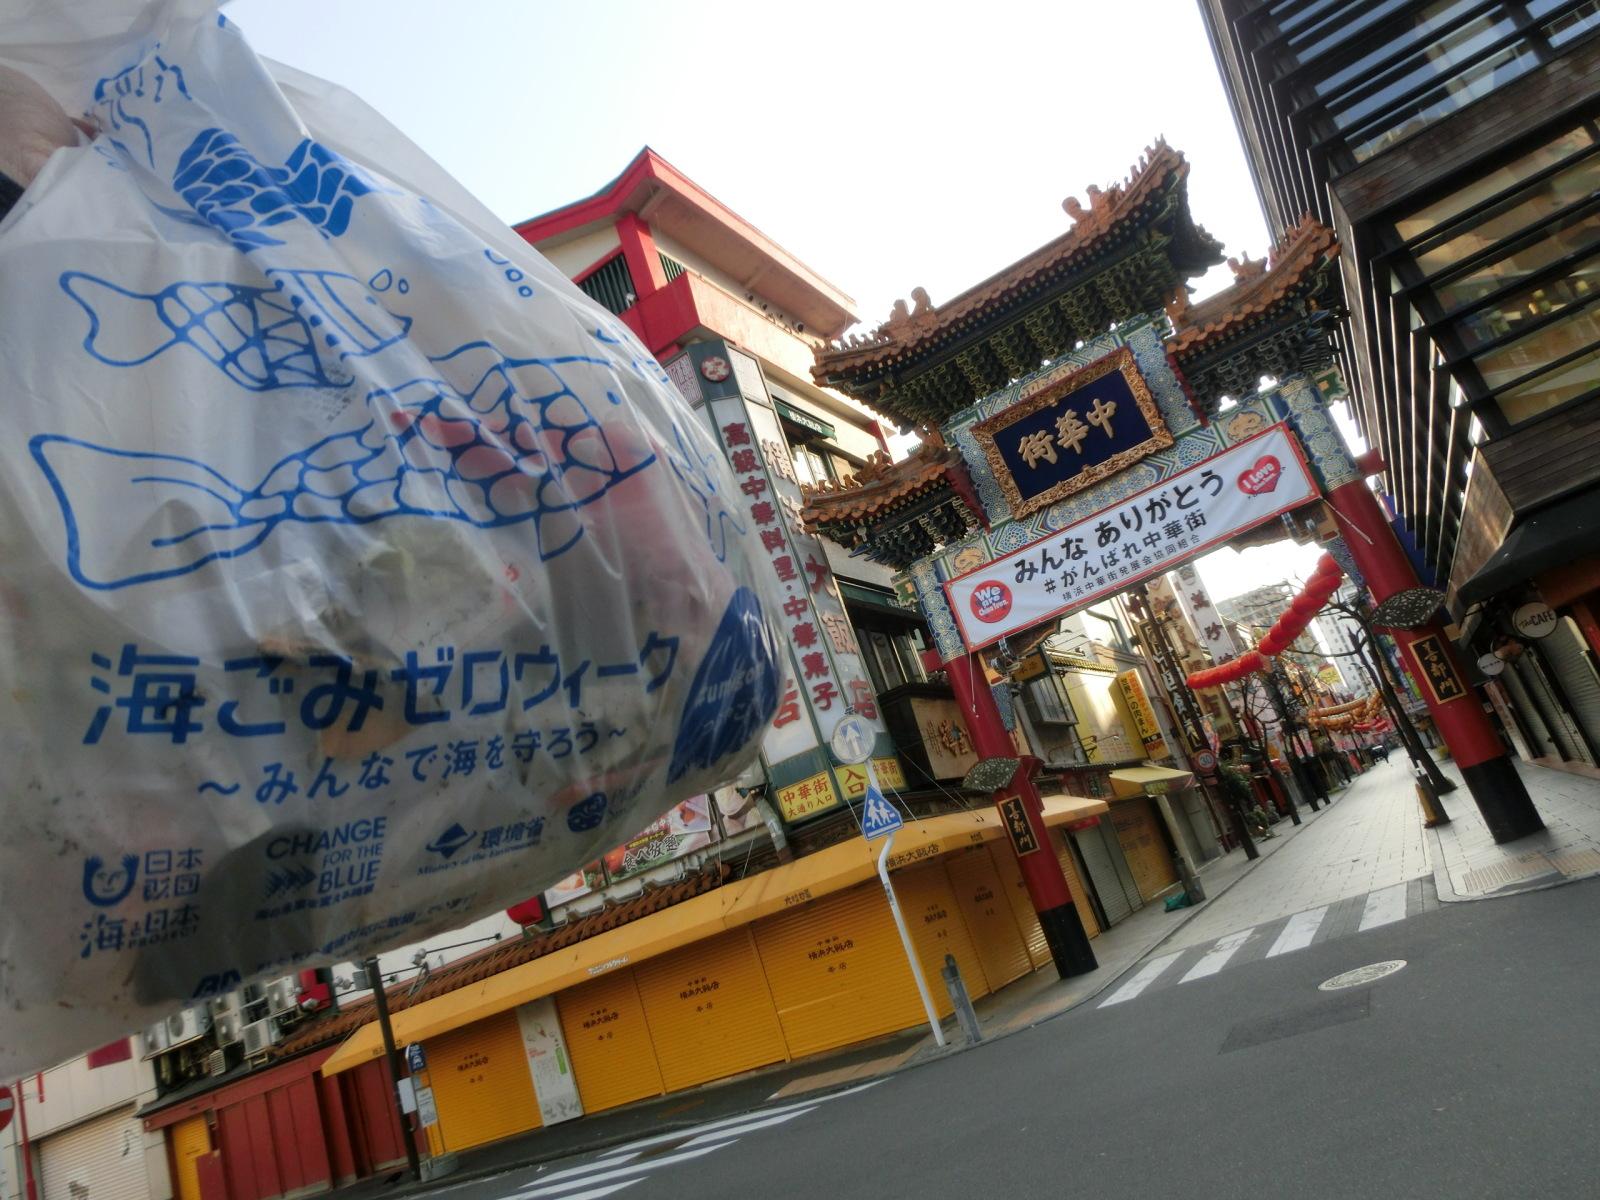 客足が減っても中華街をきれいに保ちたい。街への思いやりの表れ